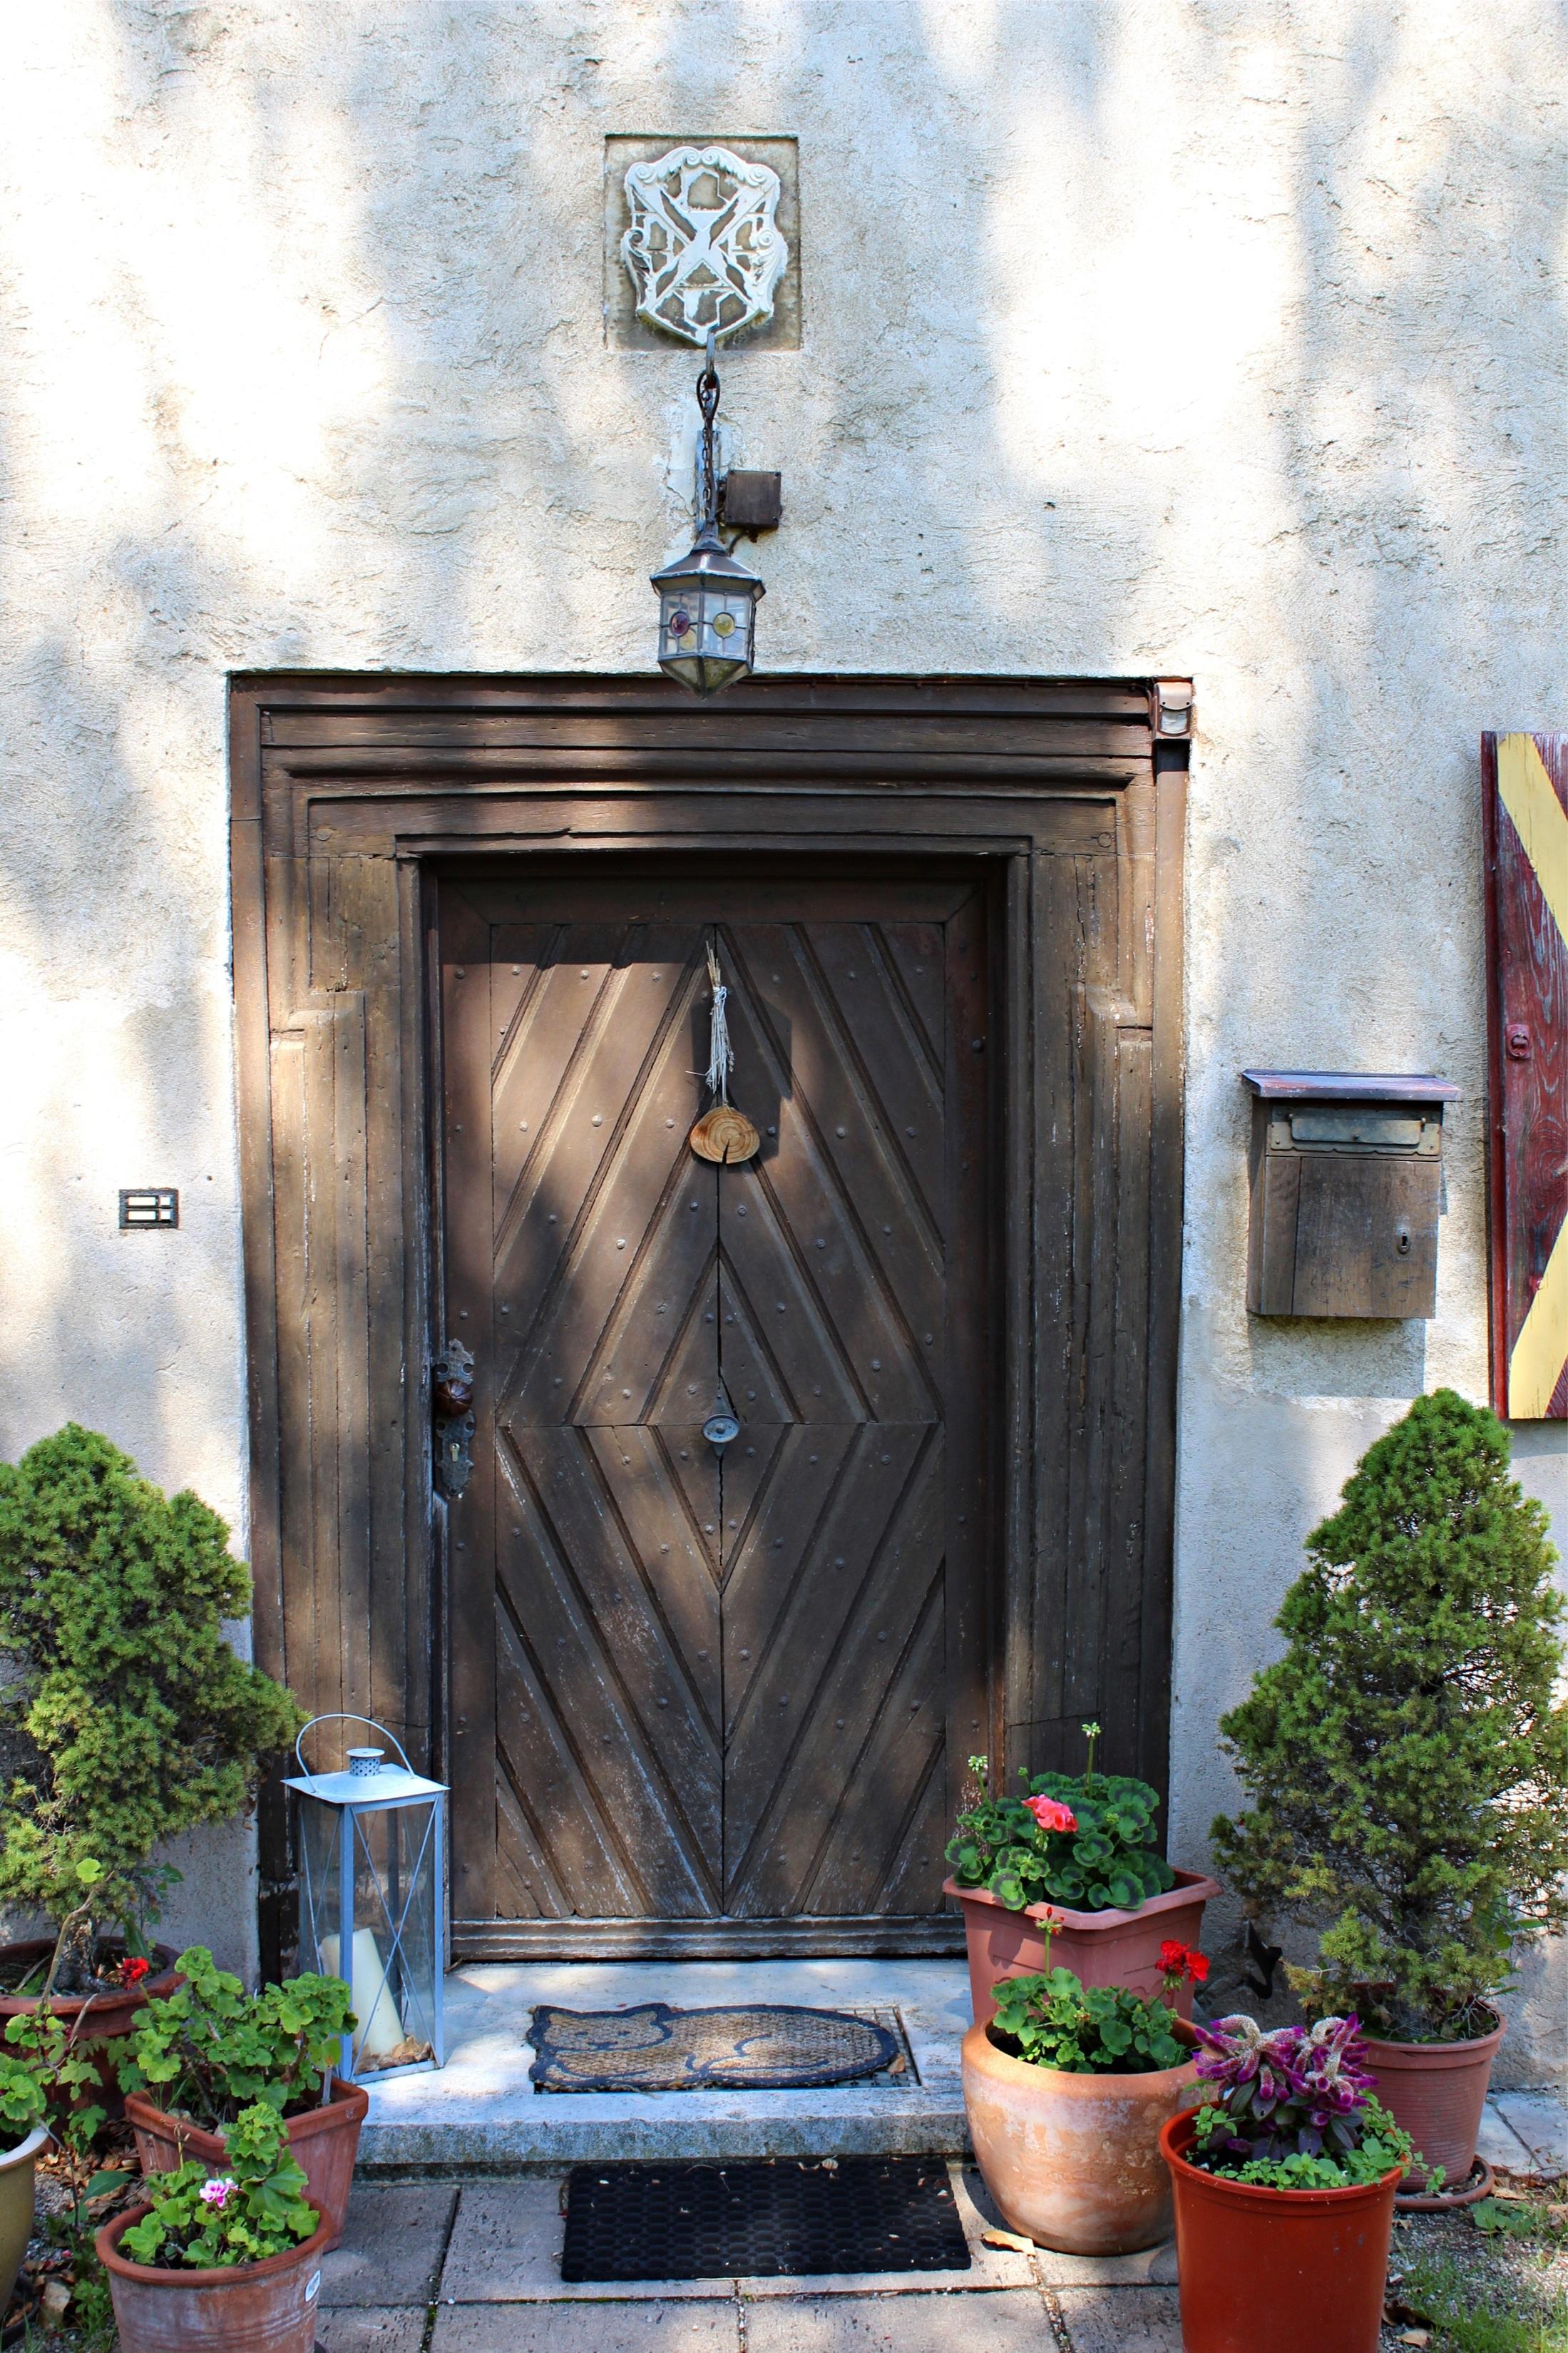 free images   wood  building  chapel  lighting  door